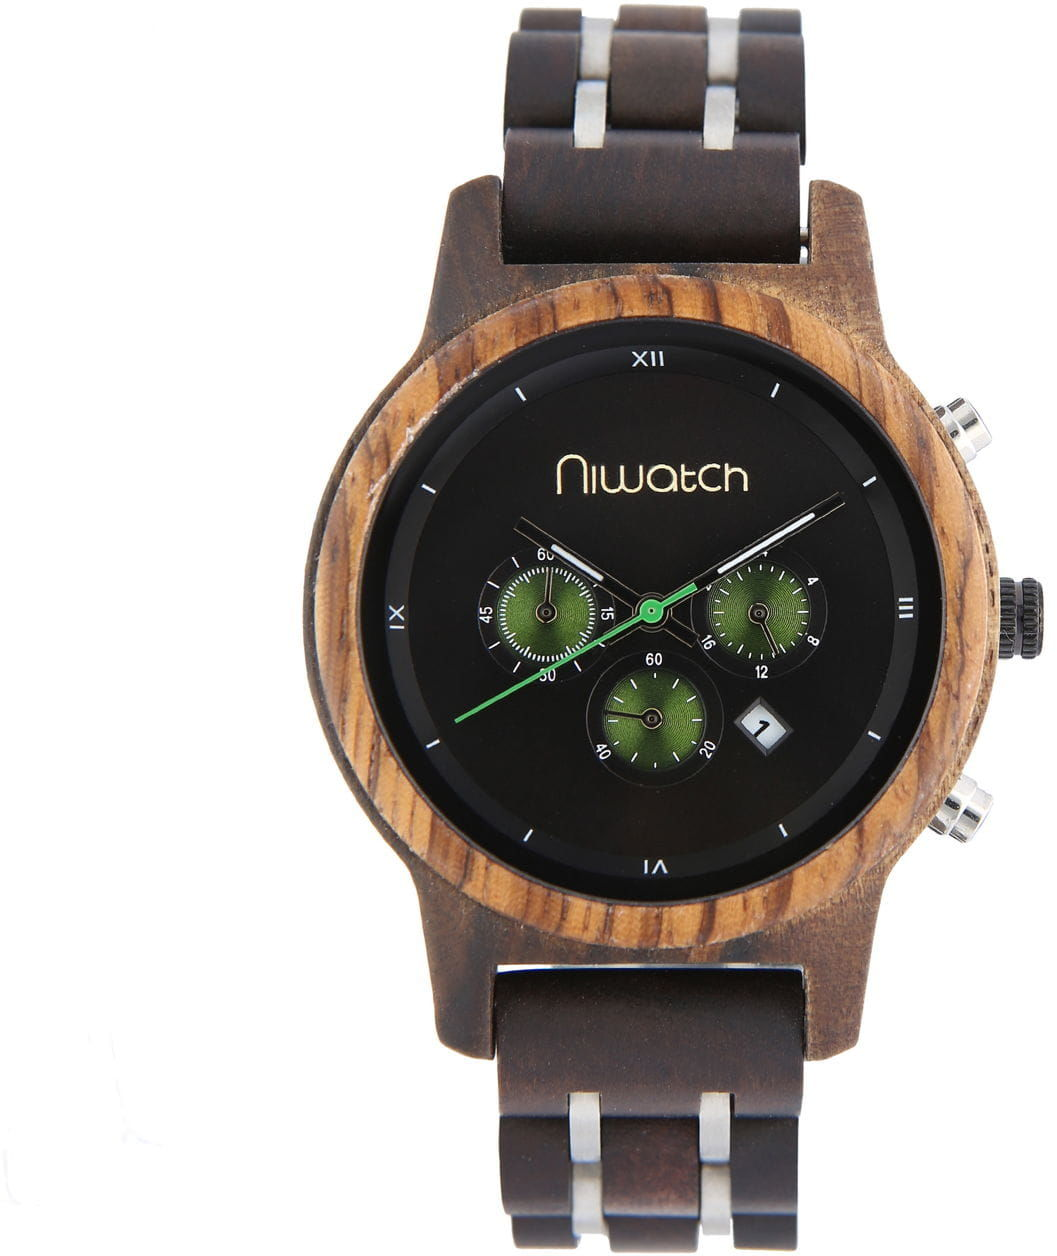 Damski zegarek drewniany Niwatch CHRONO - HEBAN na bransolecie